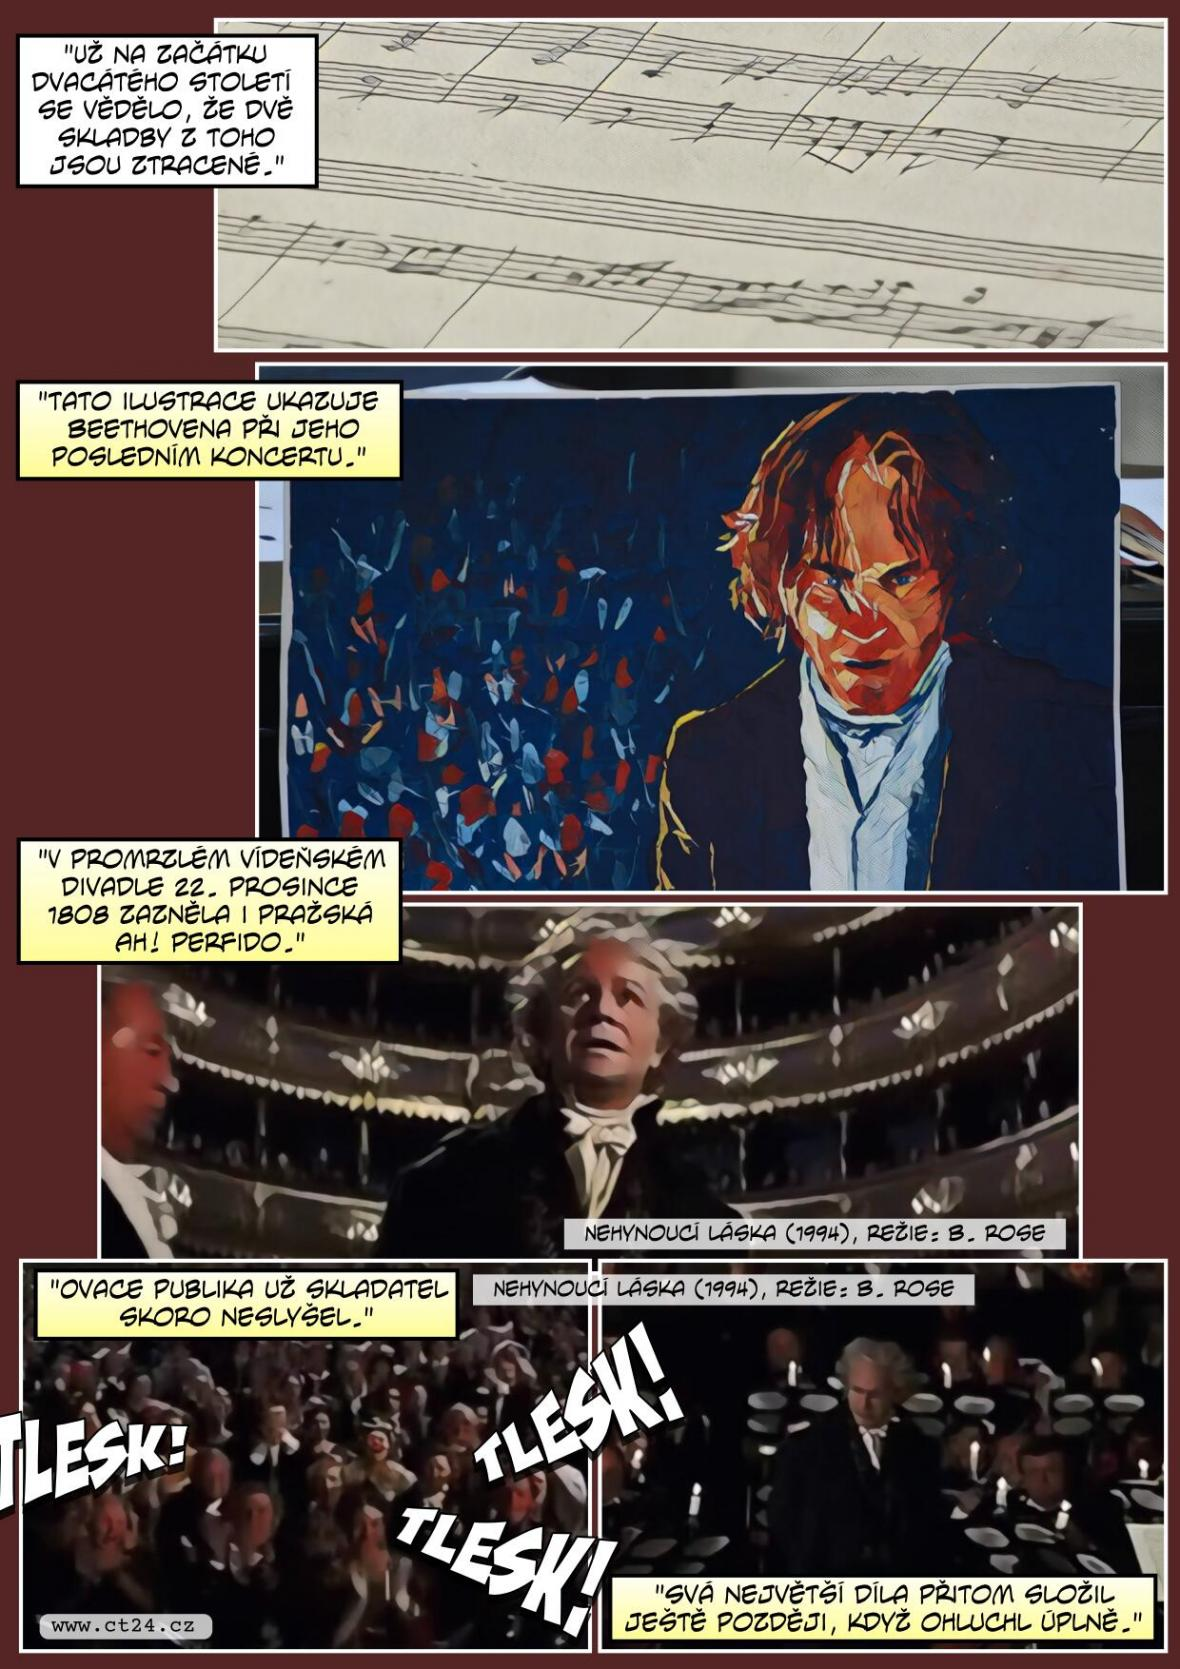 Před 250 lety se narodil jeden z největších hudebních géniů. Beethovenův život přibližuje nová kniha